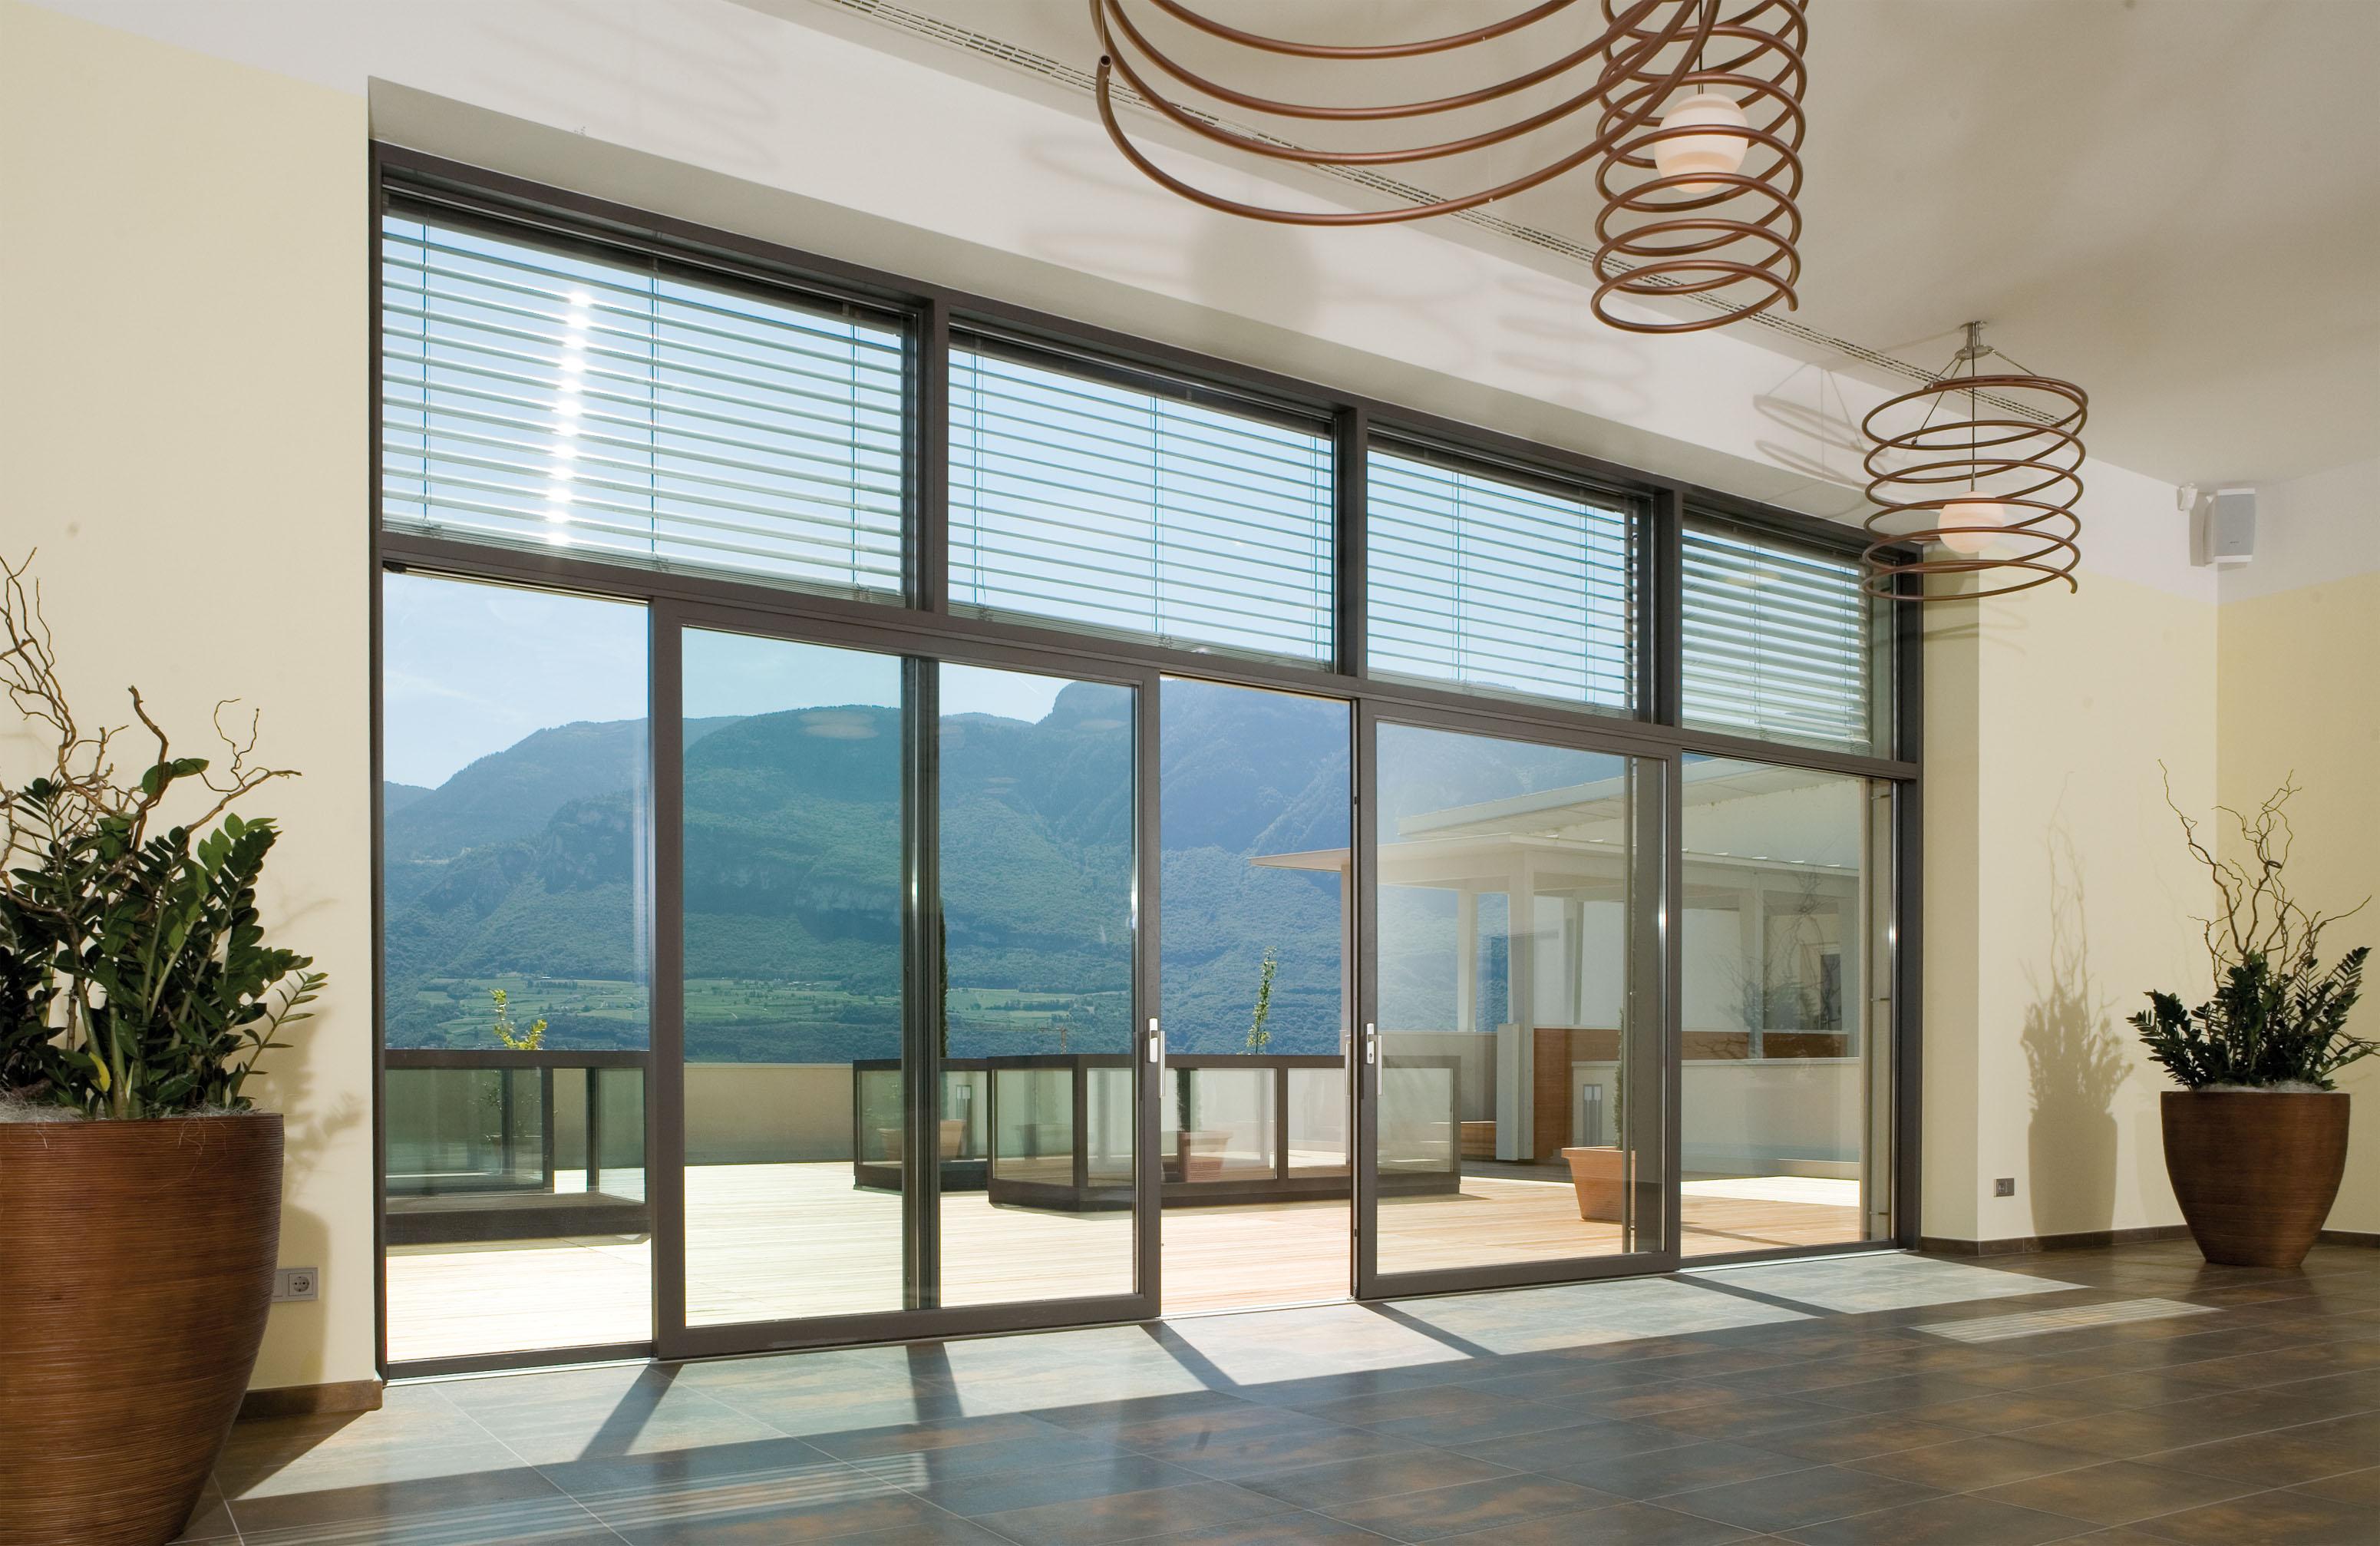 Sistema in pvc molto flessibile per grandi pareti vetrate a tutta vista serramenti design - Finestre apertura alla francese ...